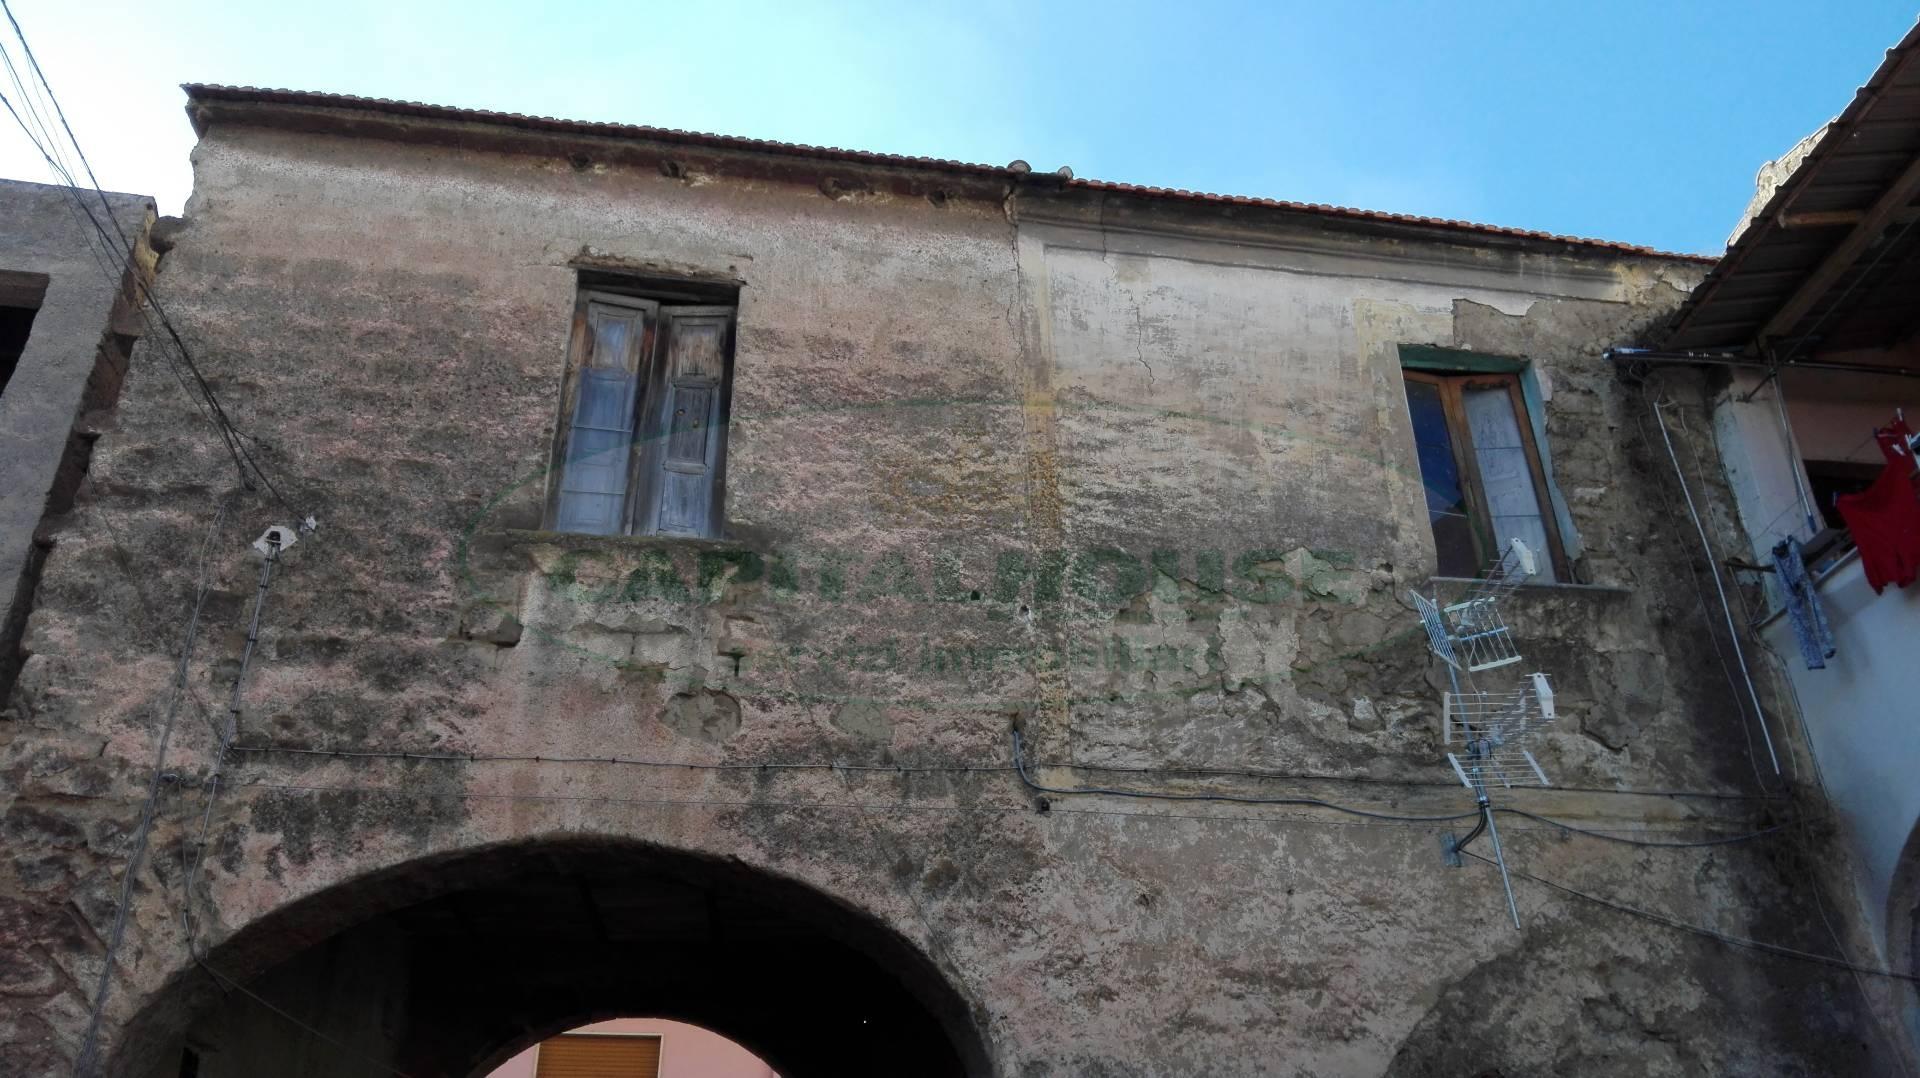 Appartamento in vendita a Macerata Campania, 1 locali, zona Zona: Caturano, prezzo € 15.000 | Cambio Casa.it